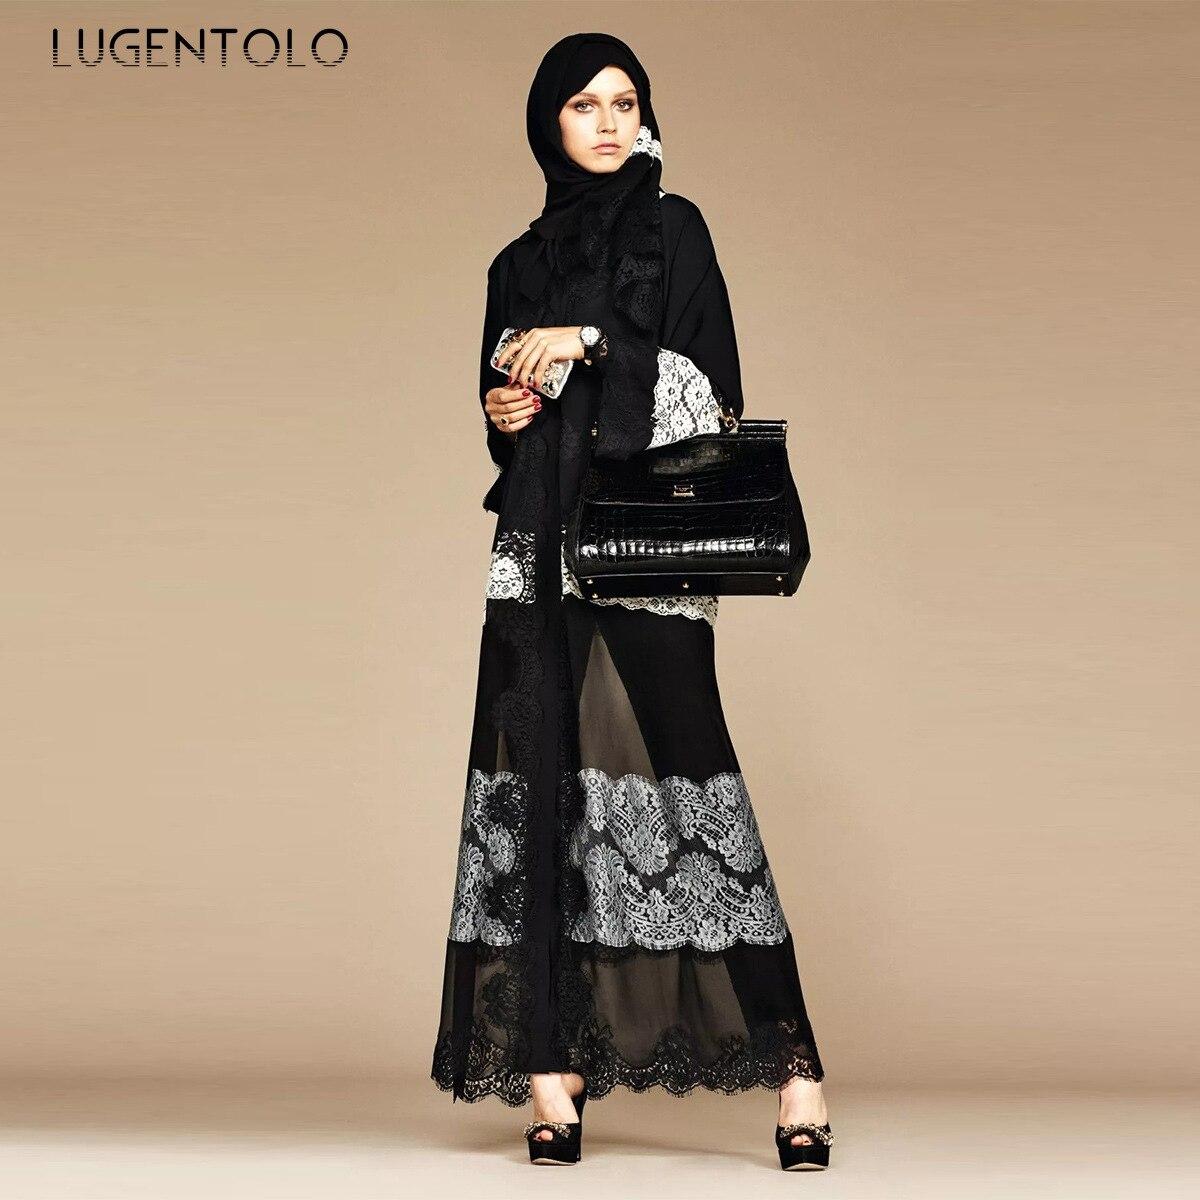 Lugentolo Women Classic Dress Lace Fashion Muslim New Black Panel White Chiffon Cardigan Dress Lady Loose Abaya Maxi Dresses